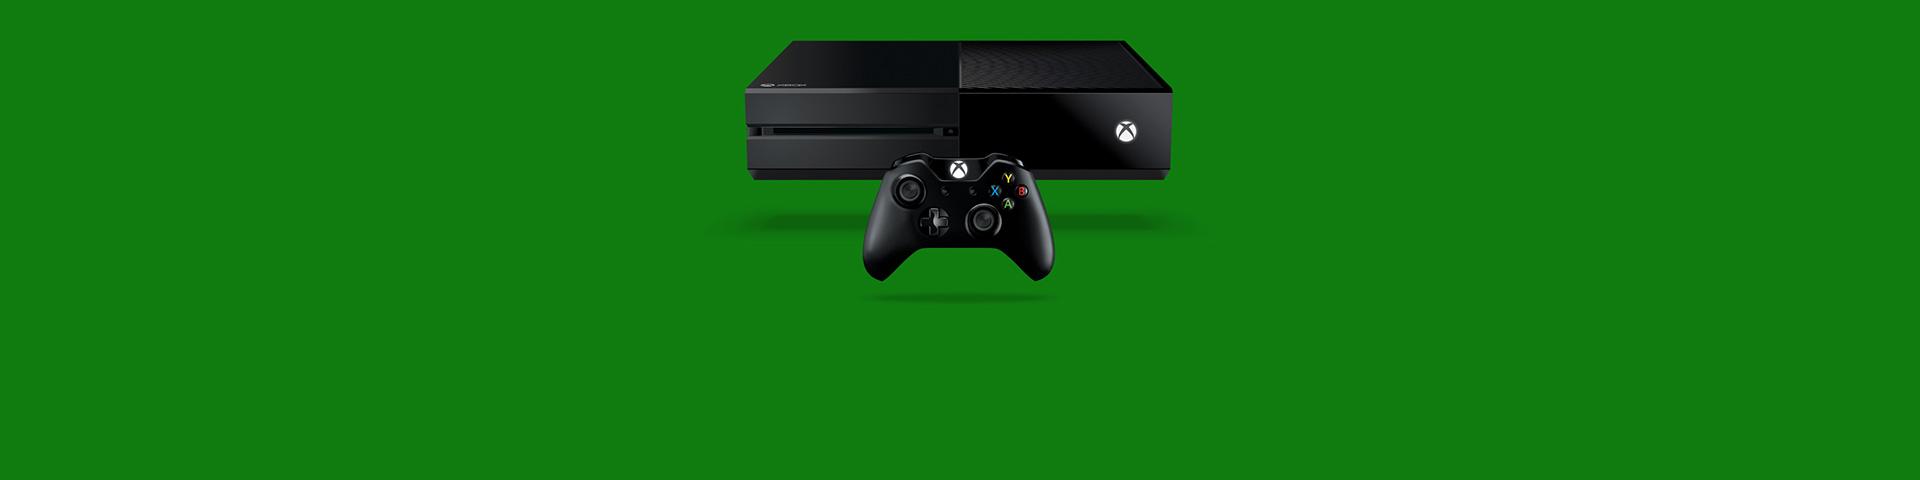 Xbox One-konsol og -controller, køb de nyeste konsoller